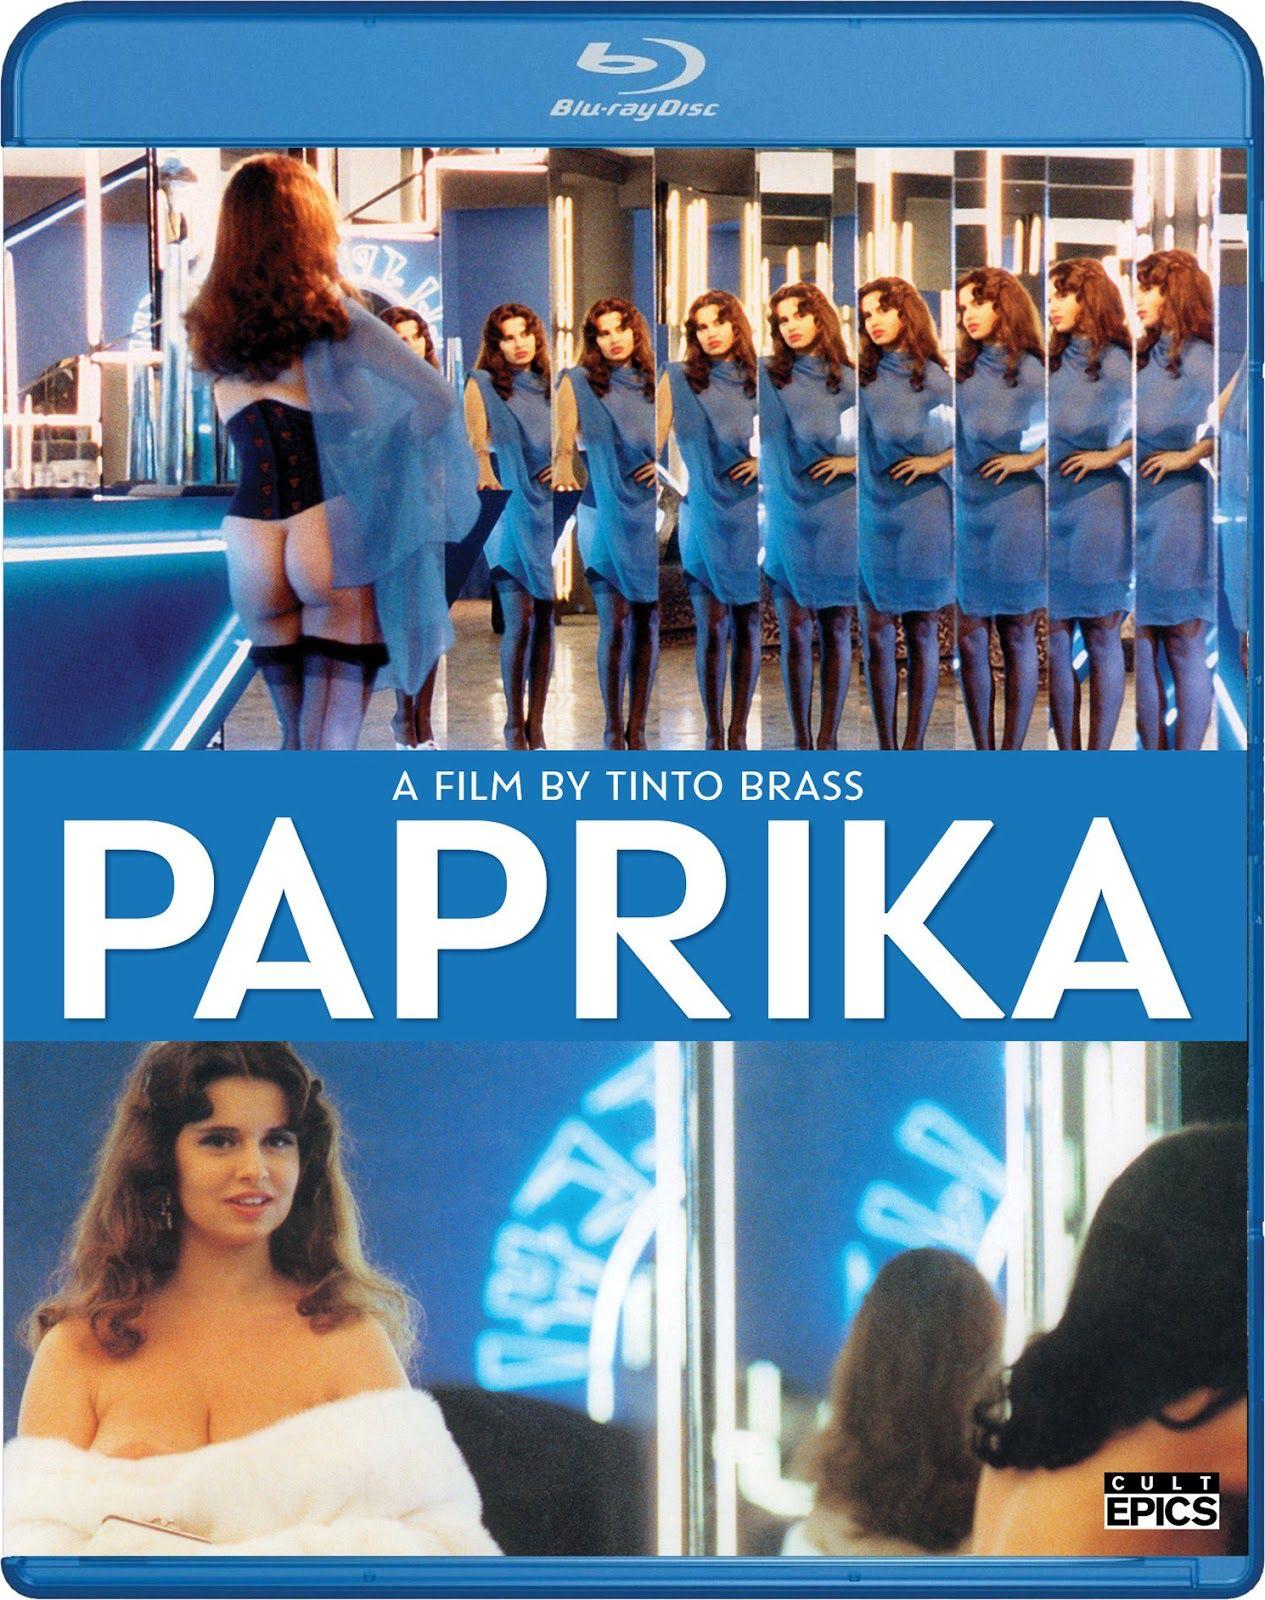 Paprika cult epics blu ray